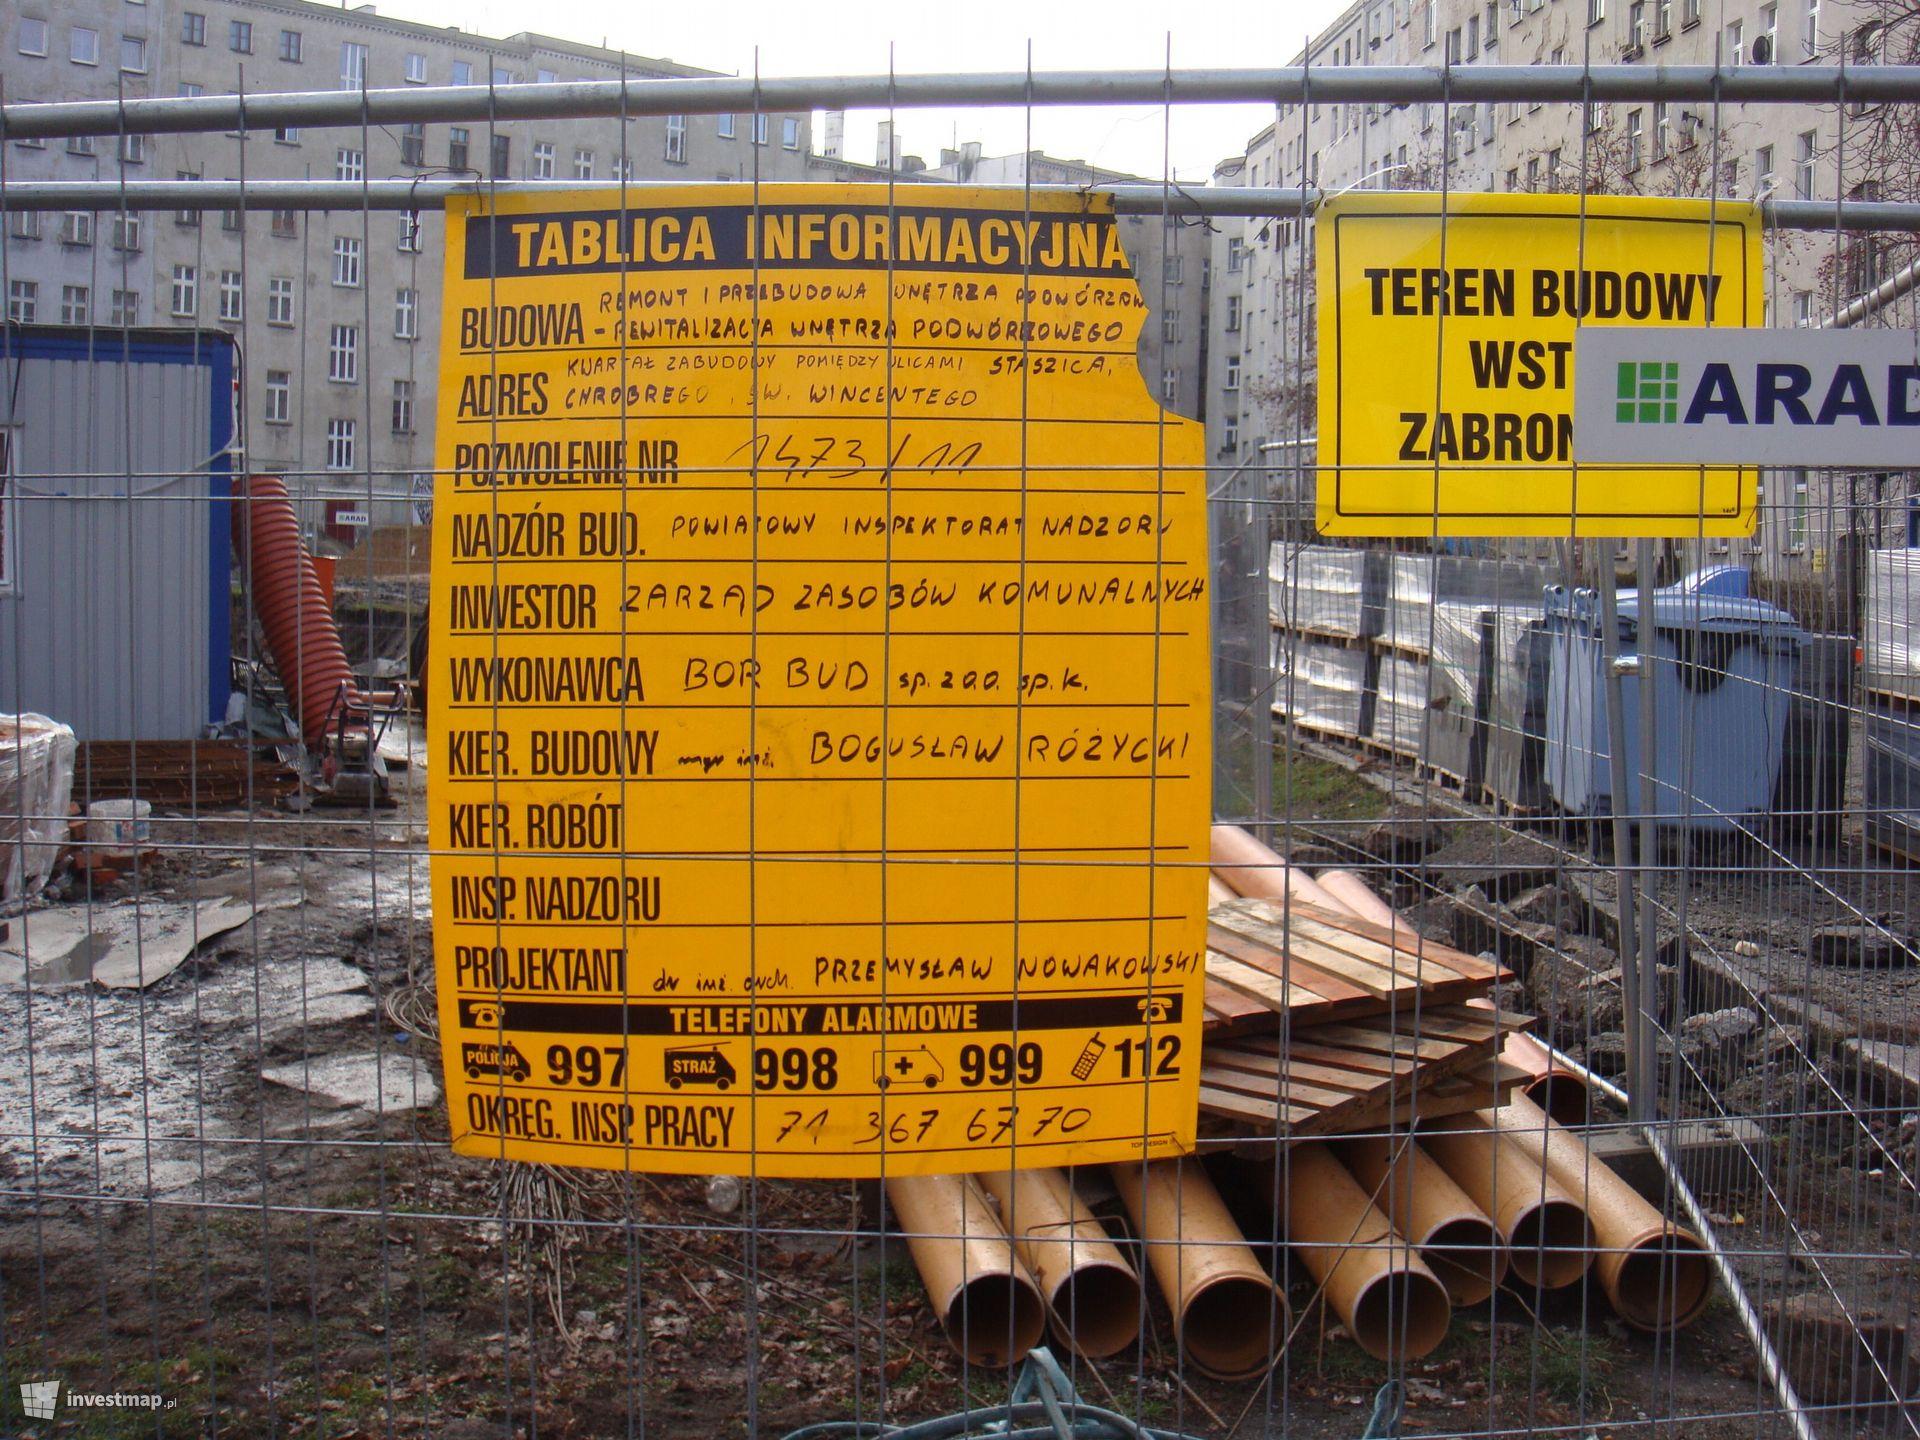 Rewitalizacja wnętrza podwórzowego św. Wincentego, Chrobrego, Staszica